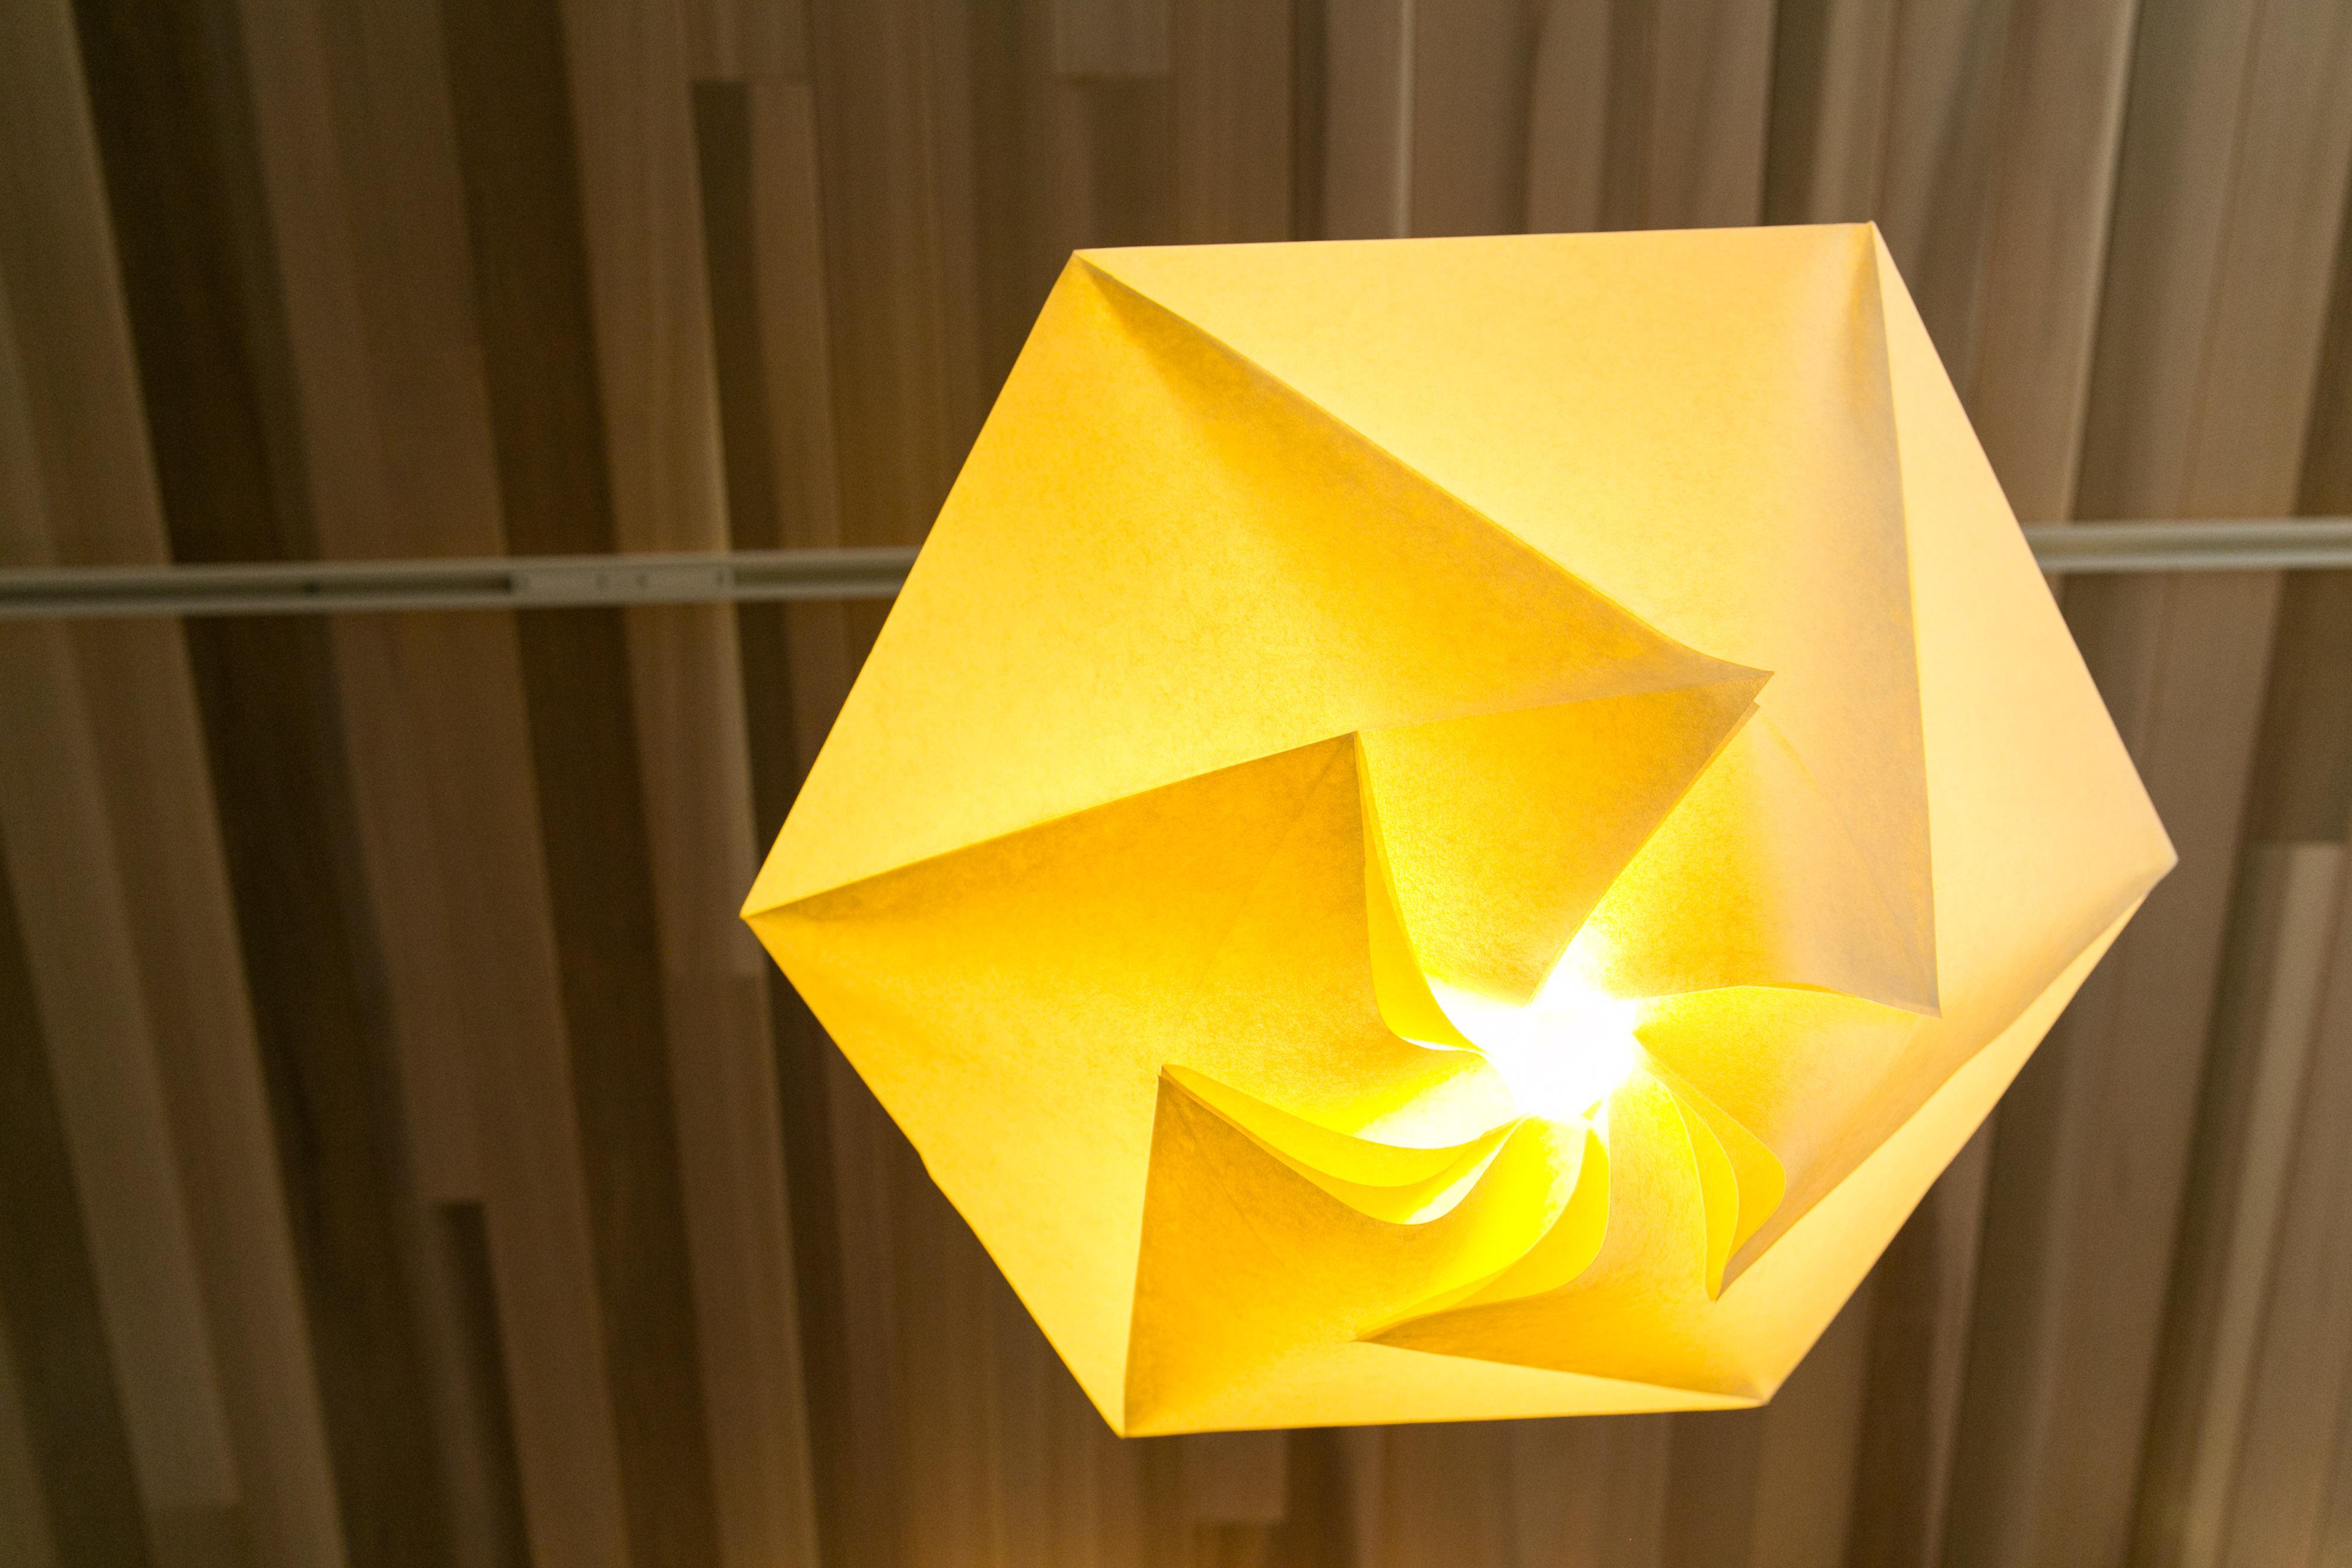 雪の形を六角形で演出。重なった紙に見られる光の陰影も見所の一つ